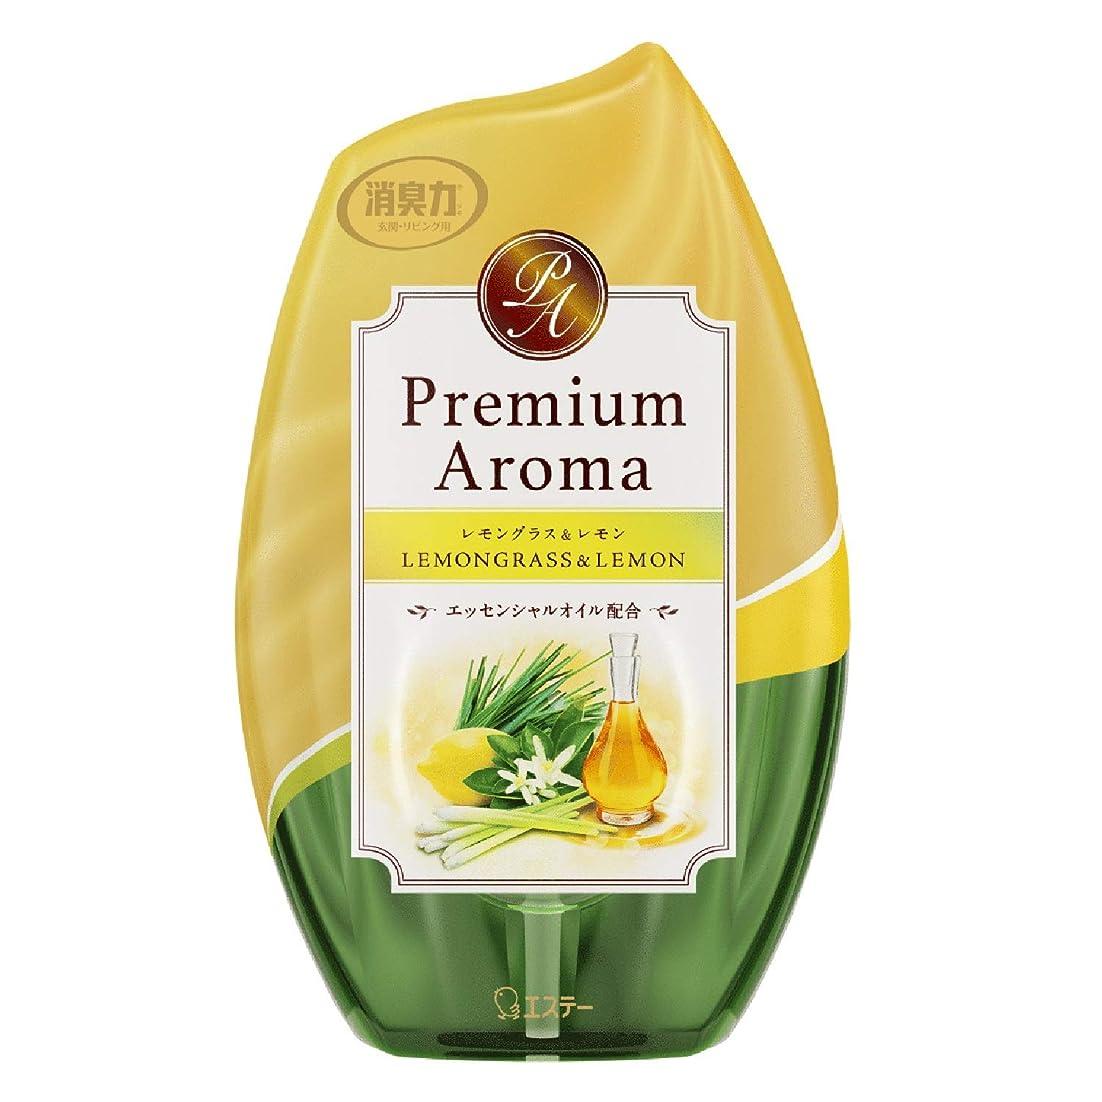 お客様静かにフェードアウトお部屋の消臭力 Premium Aroma プレミアムアロマ 消臭芳香剤 玄関?部屋用 レモングラス&レモン 400mL